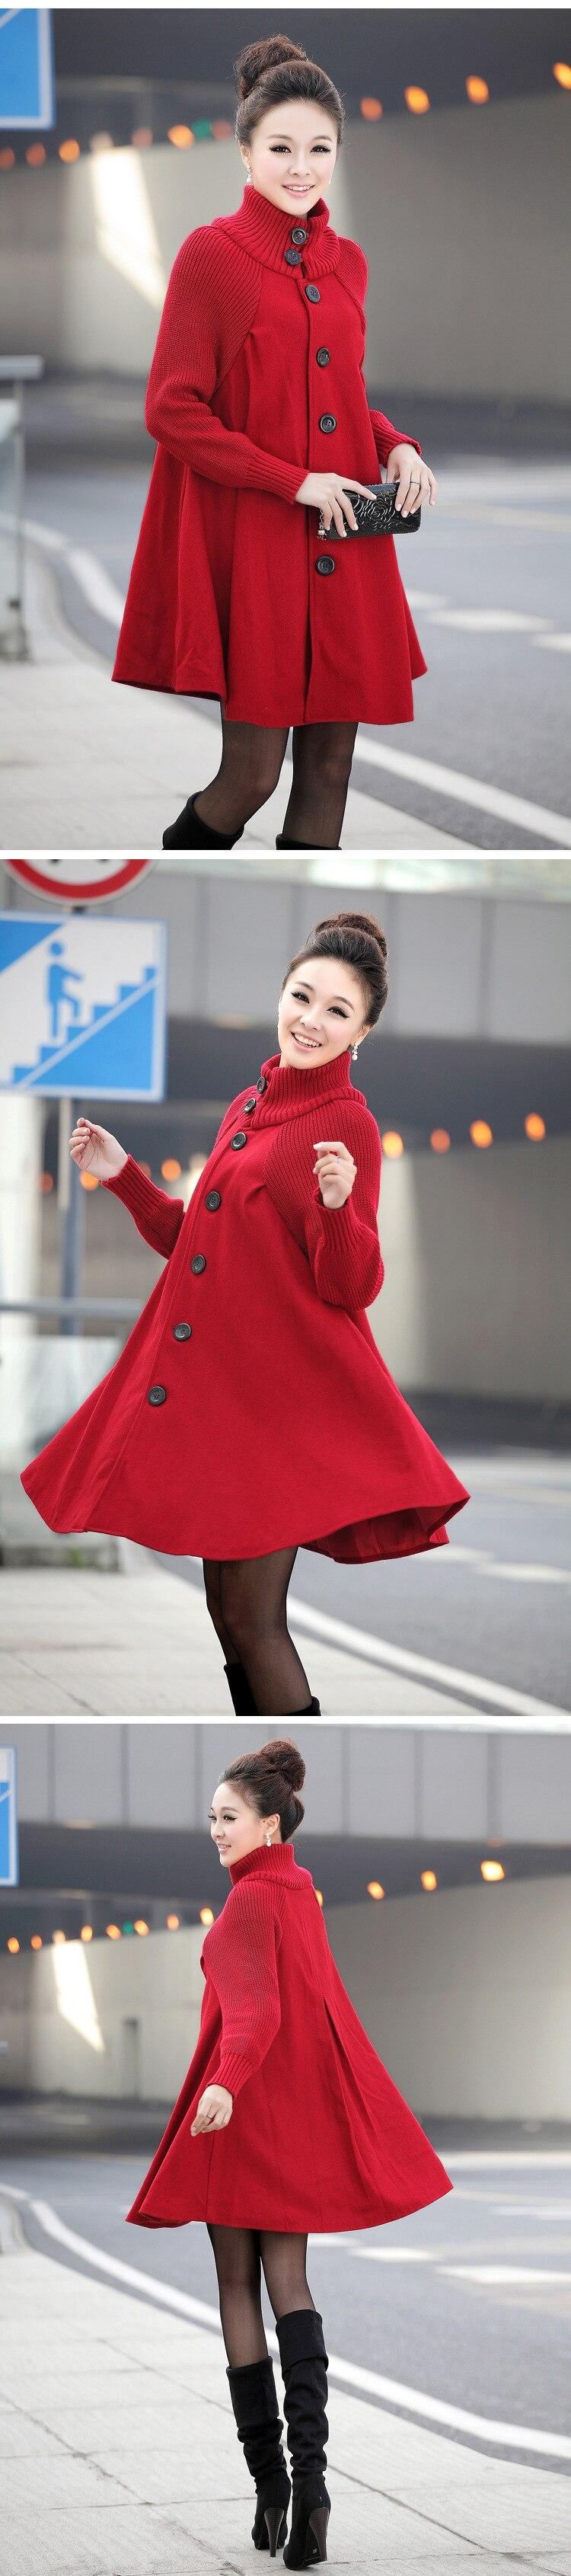 Autumn Winter Coat Women 2019 Casual Vintage Patchwork Cloak Plus Size Coats Female Elegant Warm Black Long Coat casaco feminino 75